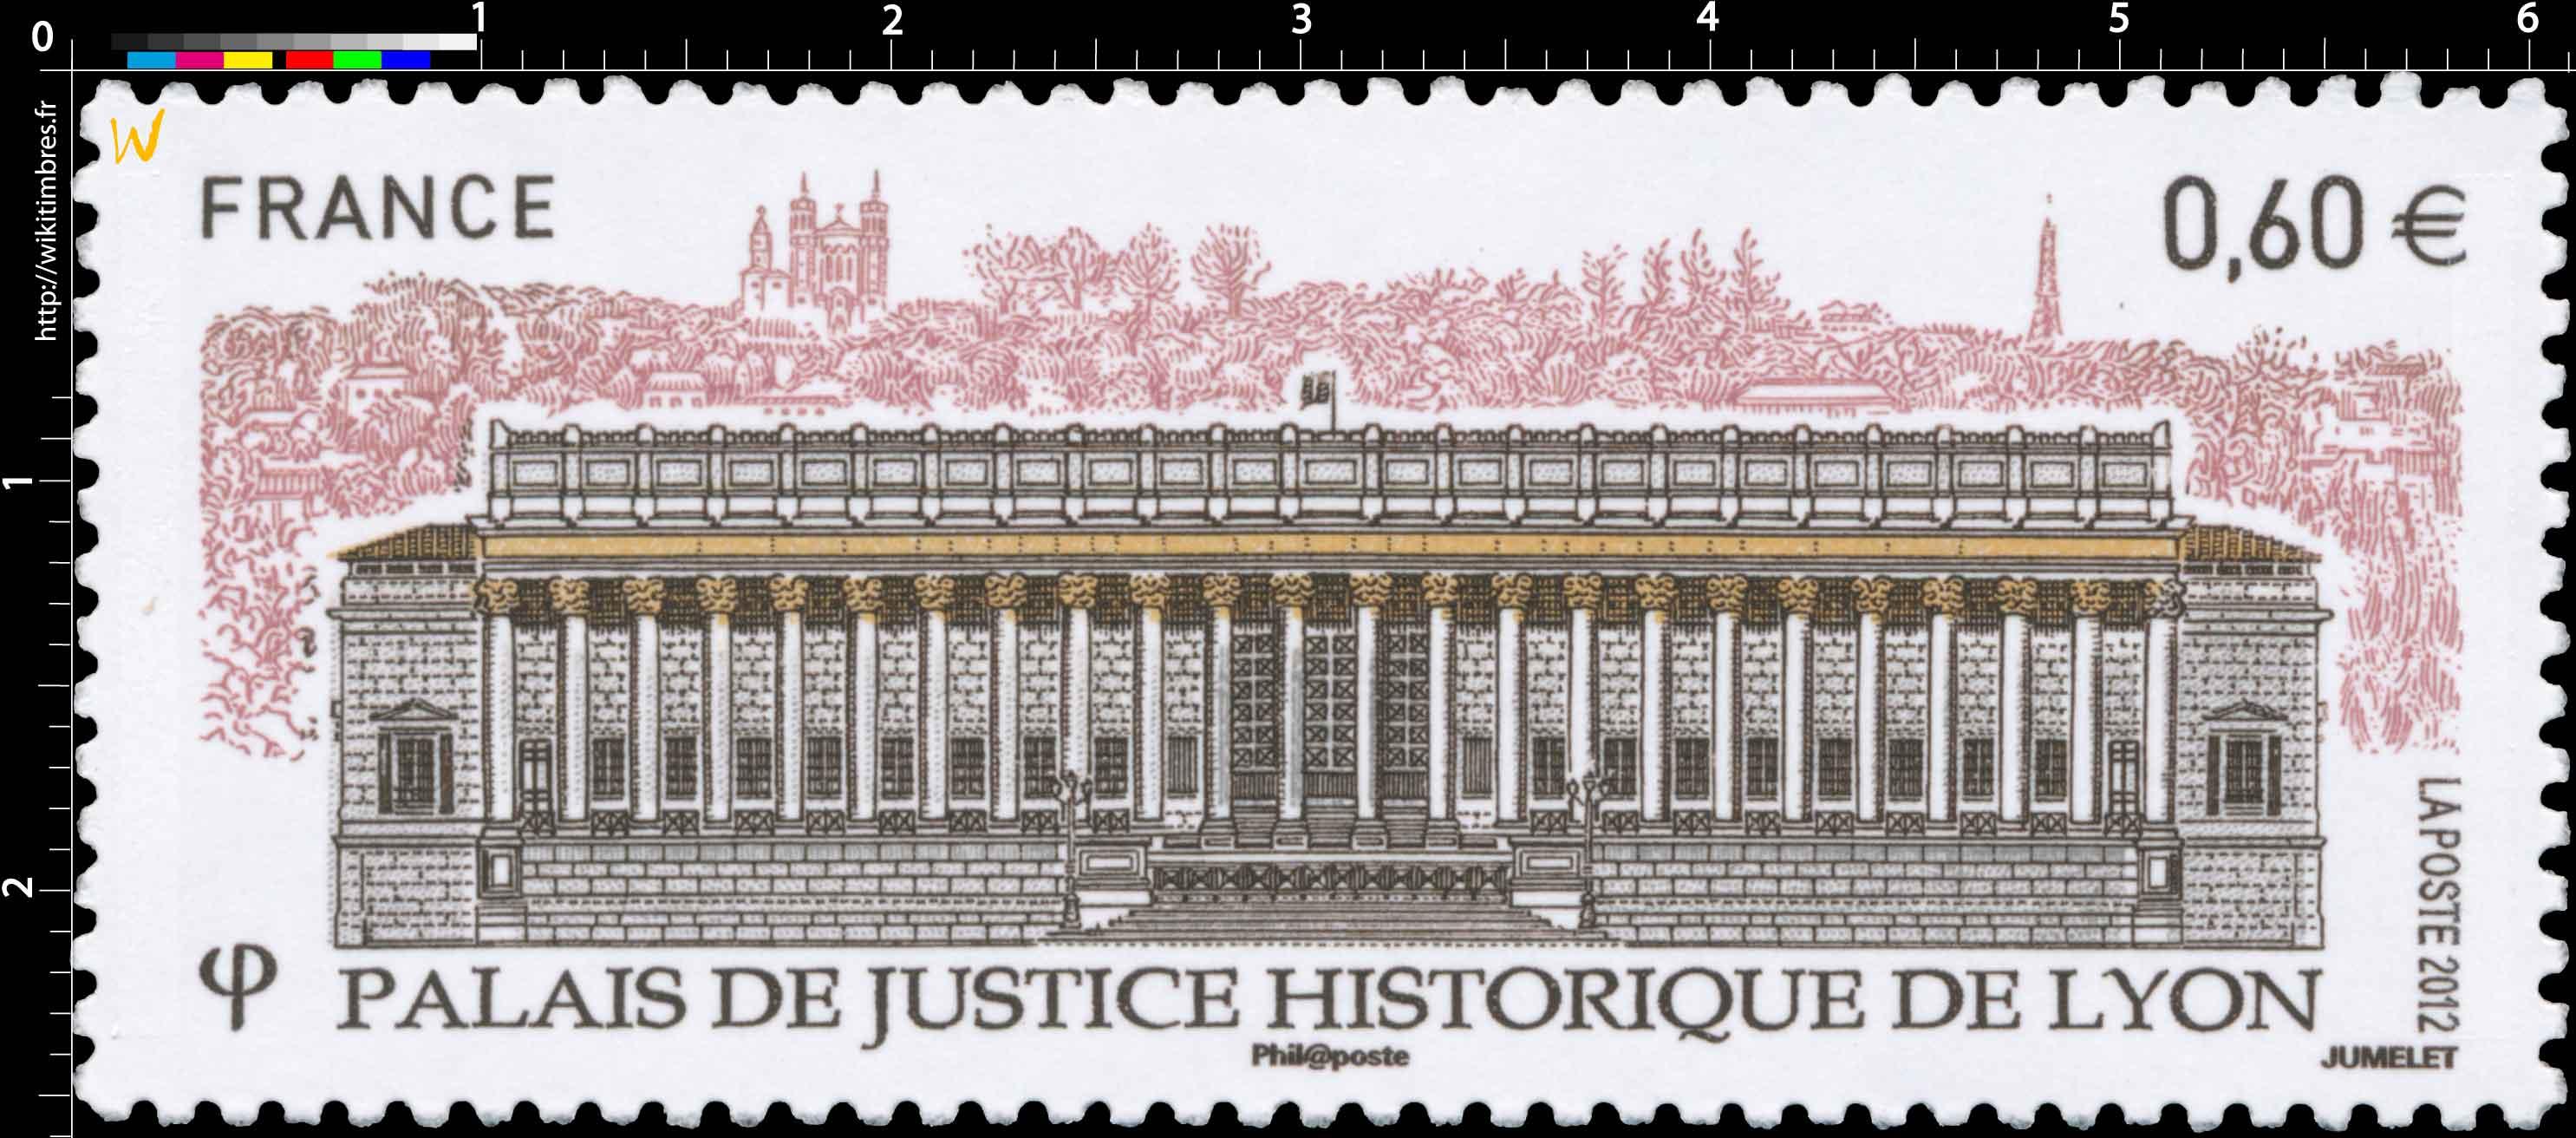 2012 Palais de justice historique de Lyon